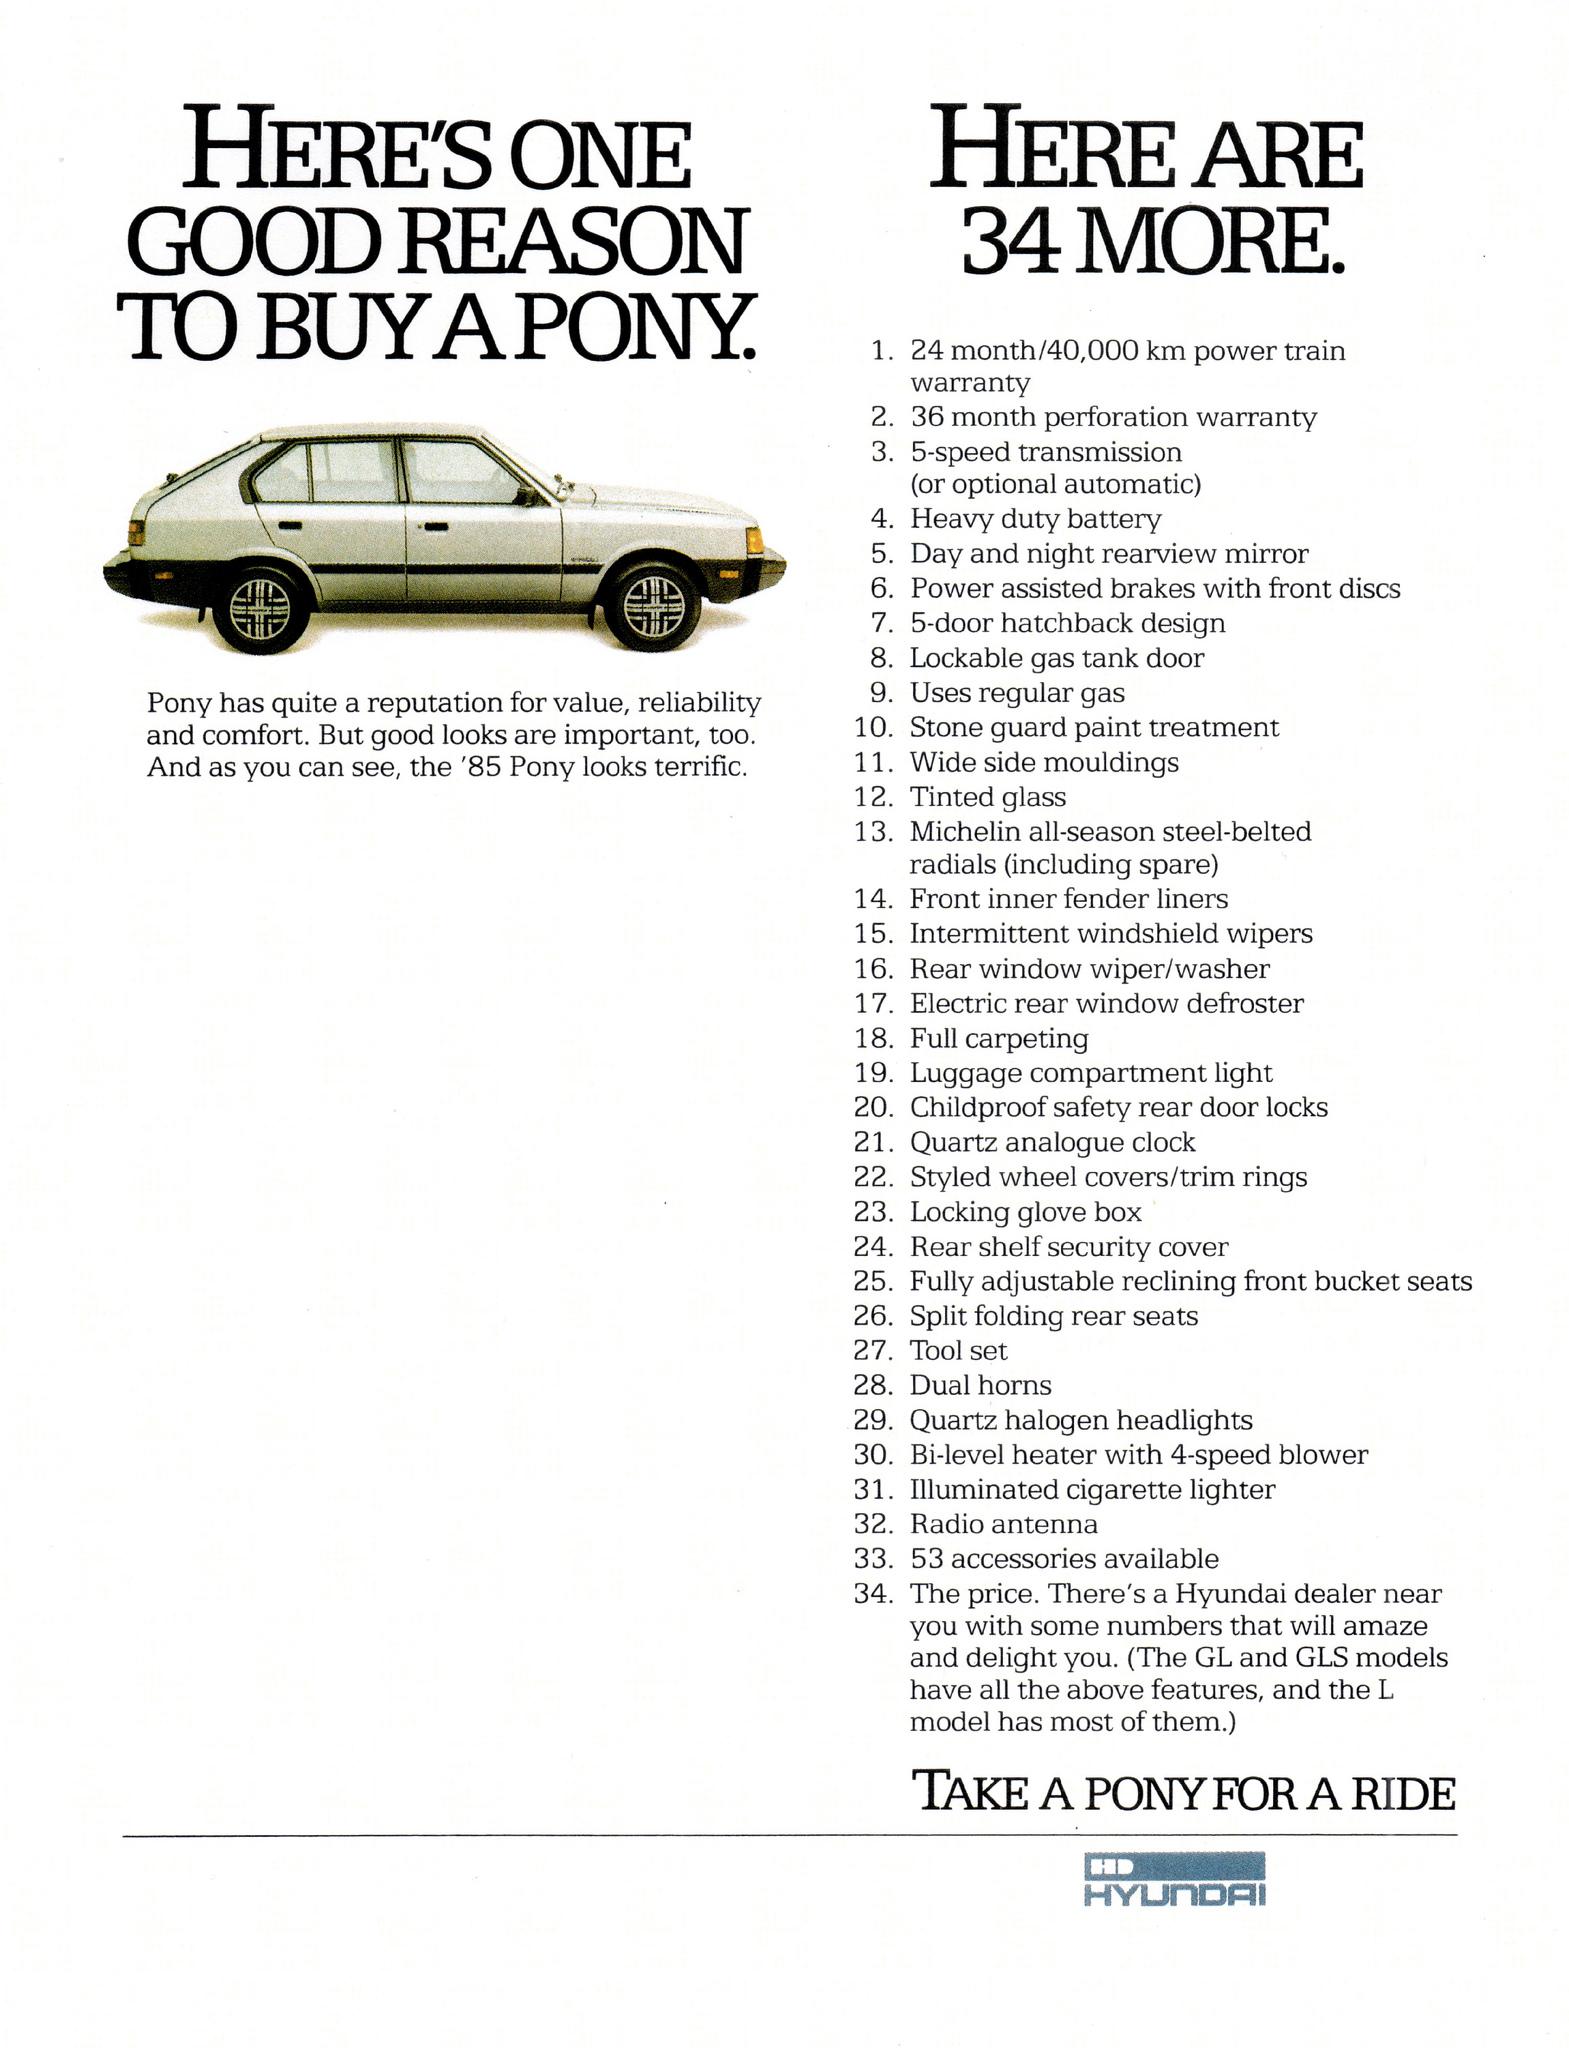 Hyundai Pony ad